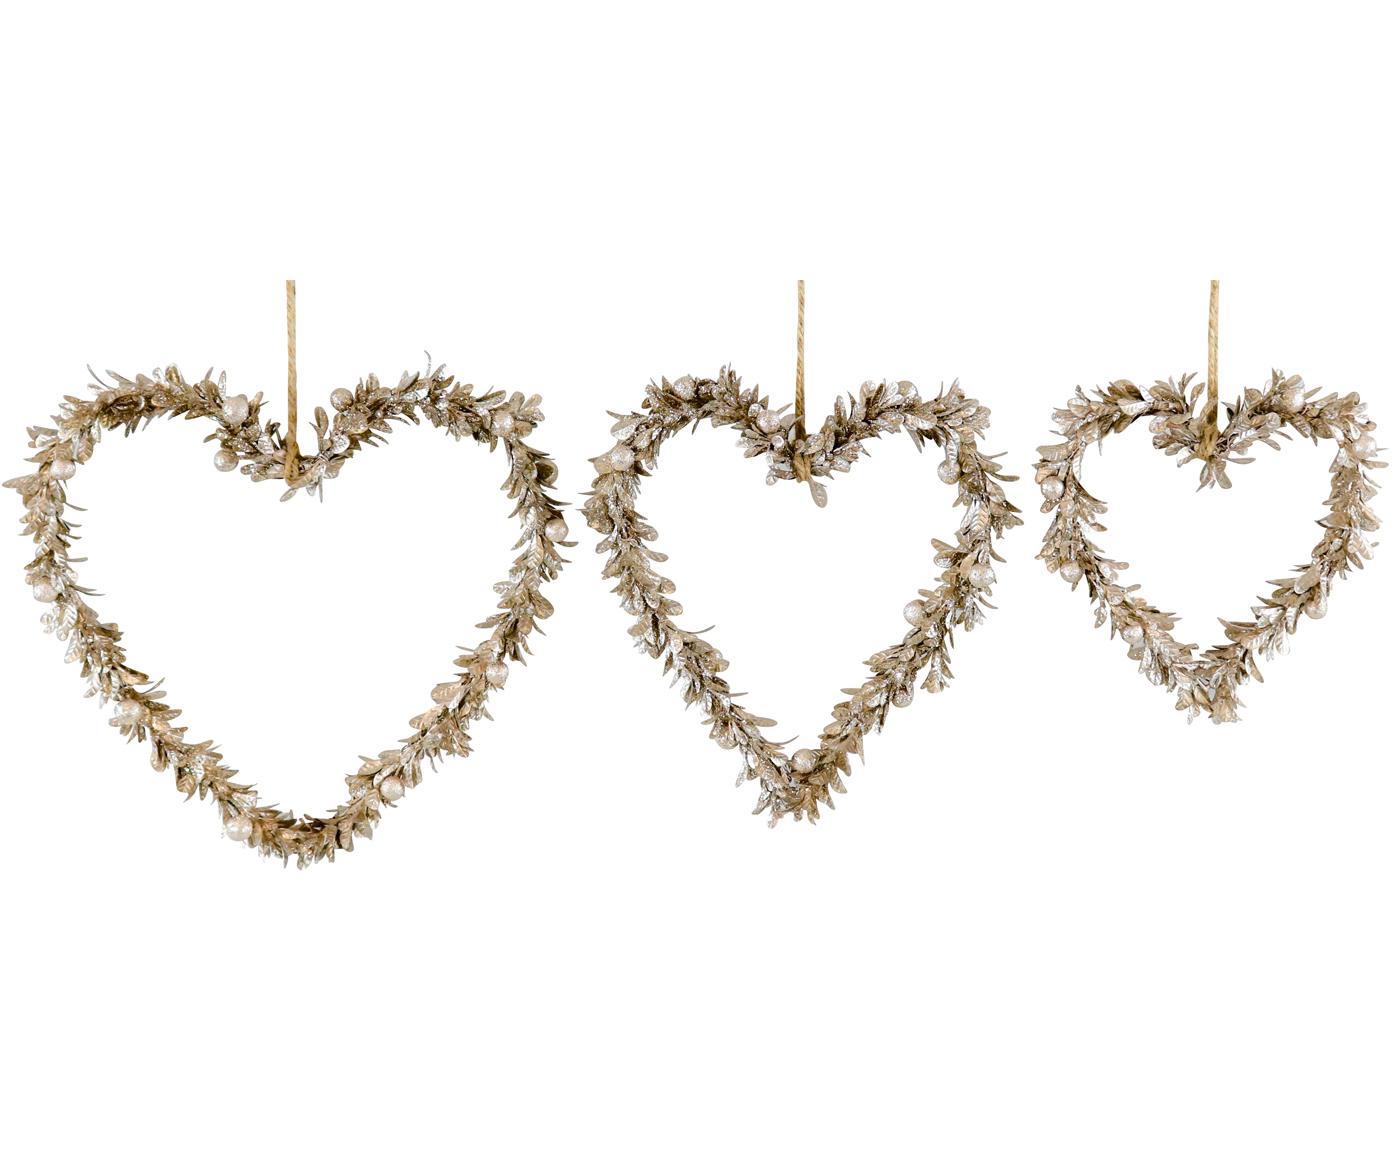 Set 3 ciondoli decorativi Lovely, Polistirolo, plastica, metallo, legno, Dorato, Set in varie misure